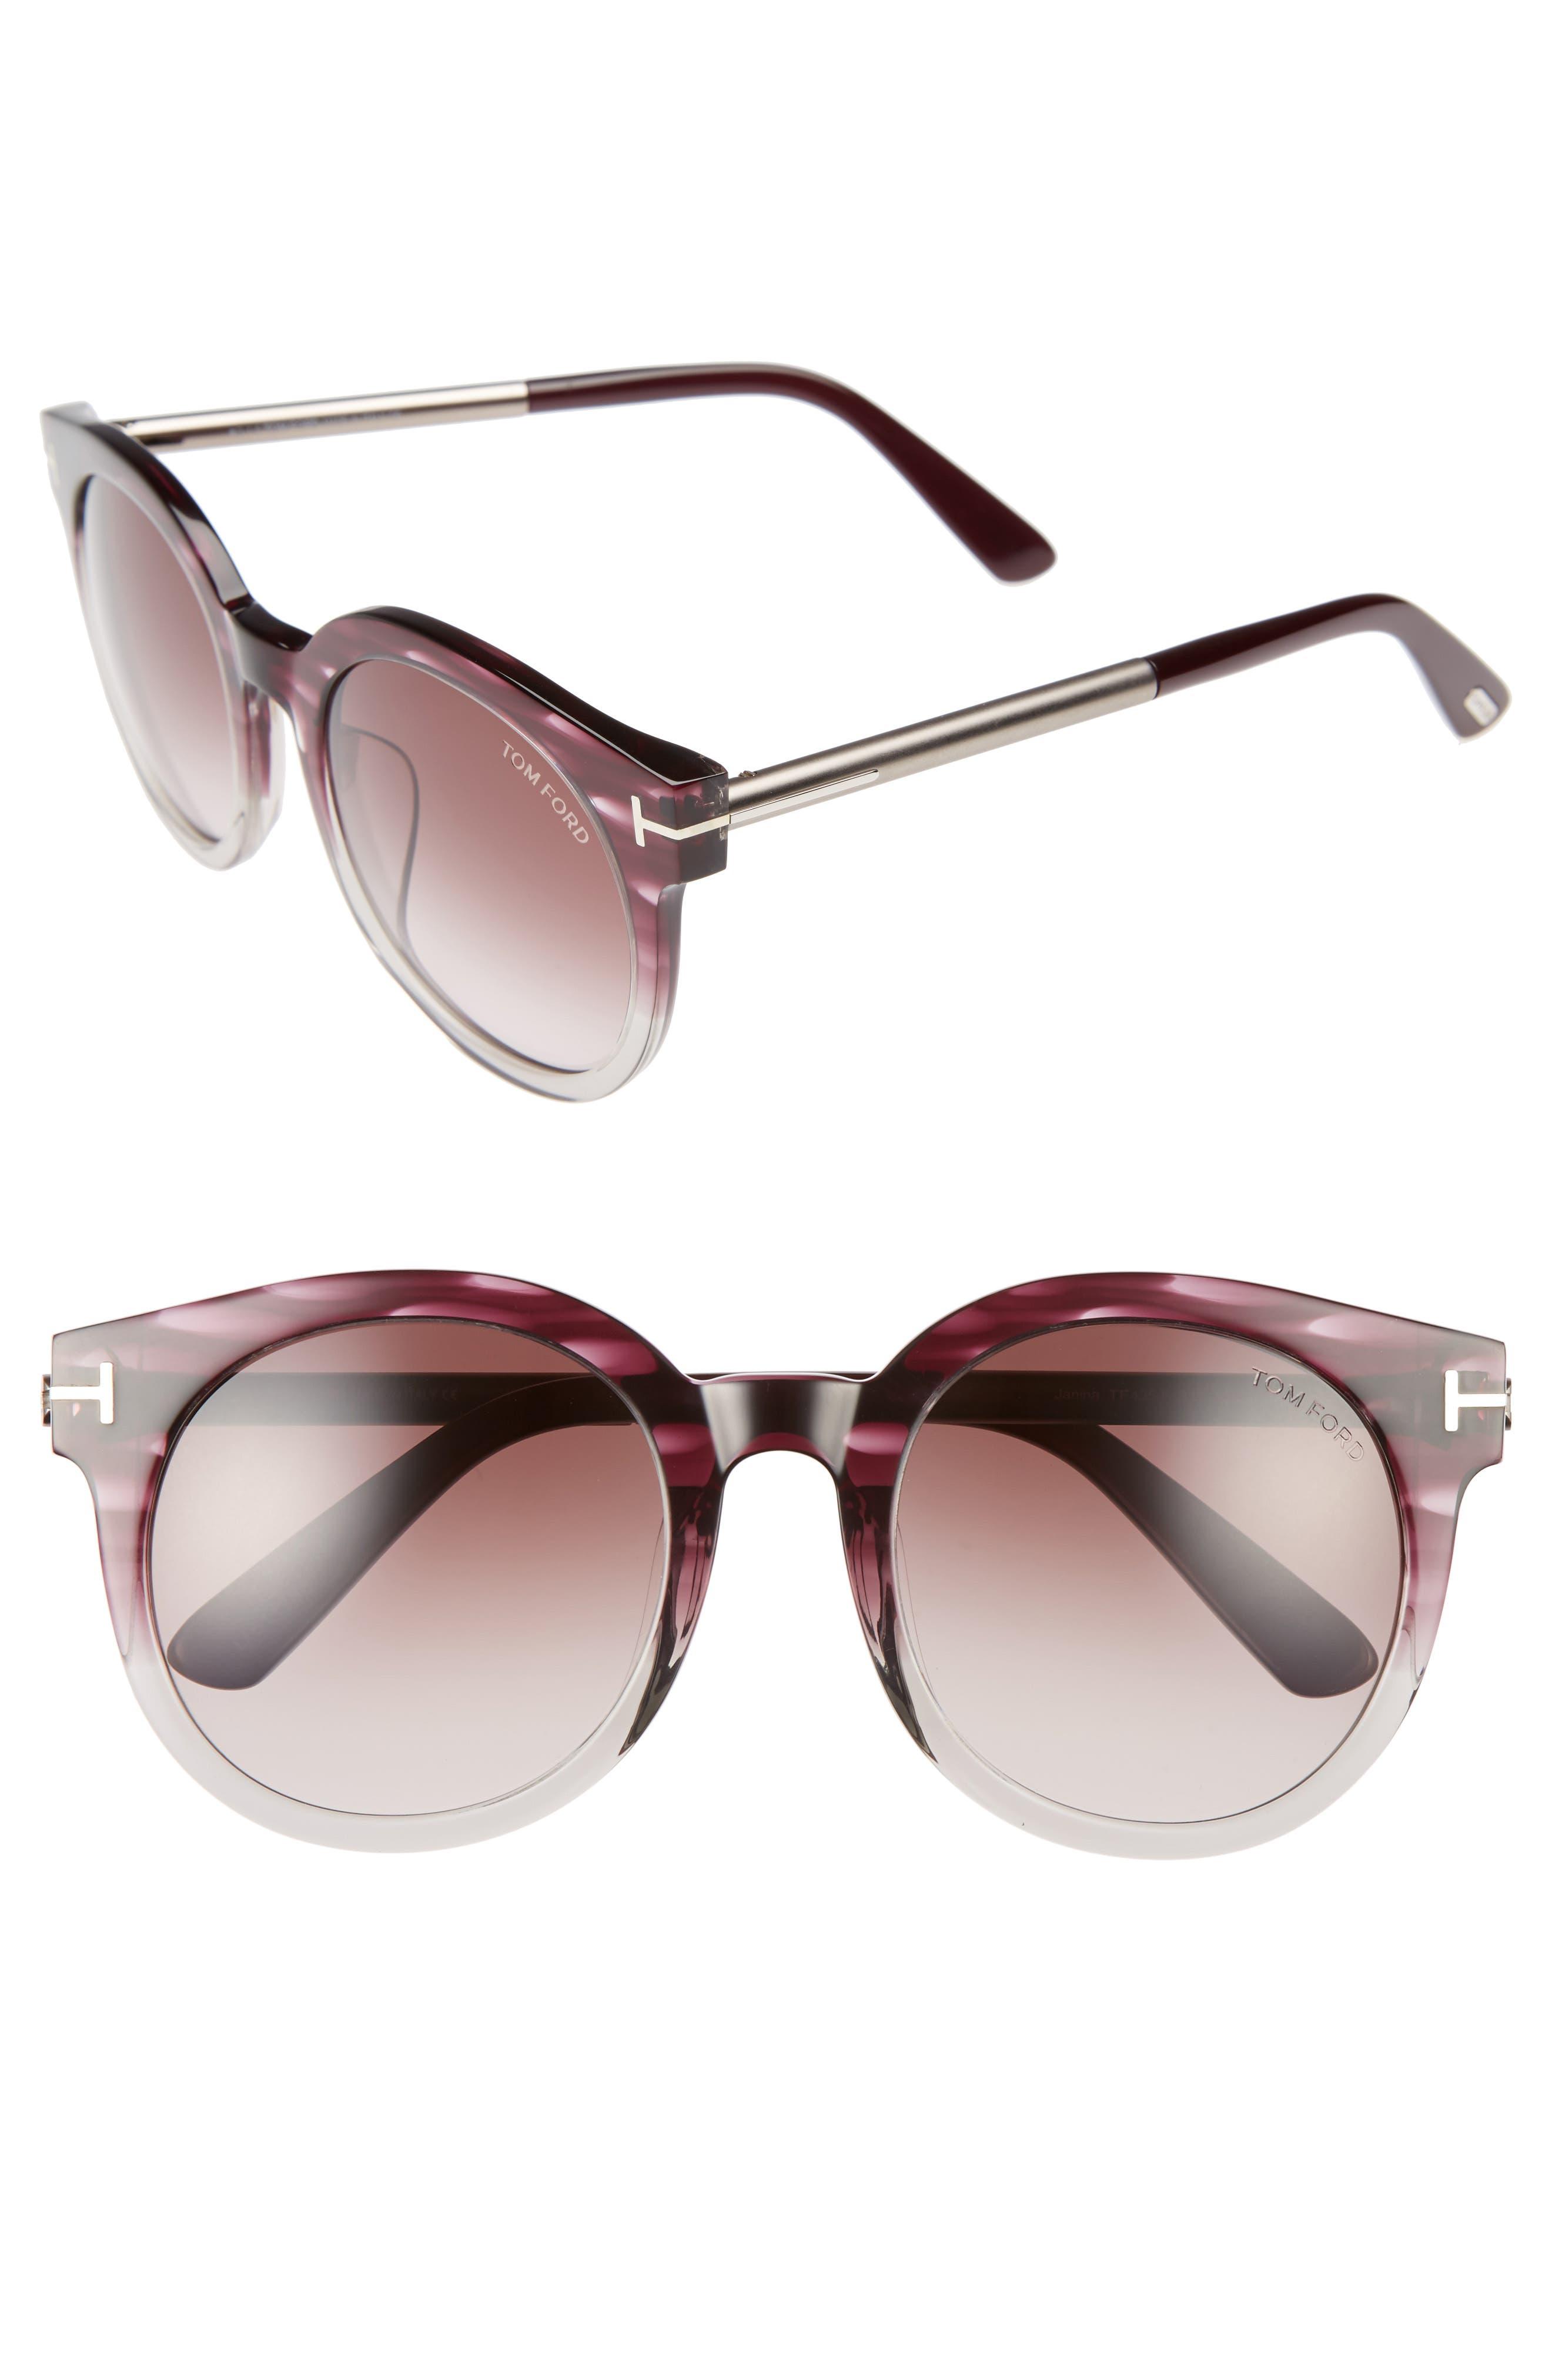 Janina 53mm Special Fit Round Sunglasses,                             Main thumbnail 1, color,                             Violet/ Gradient Bordeaux